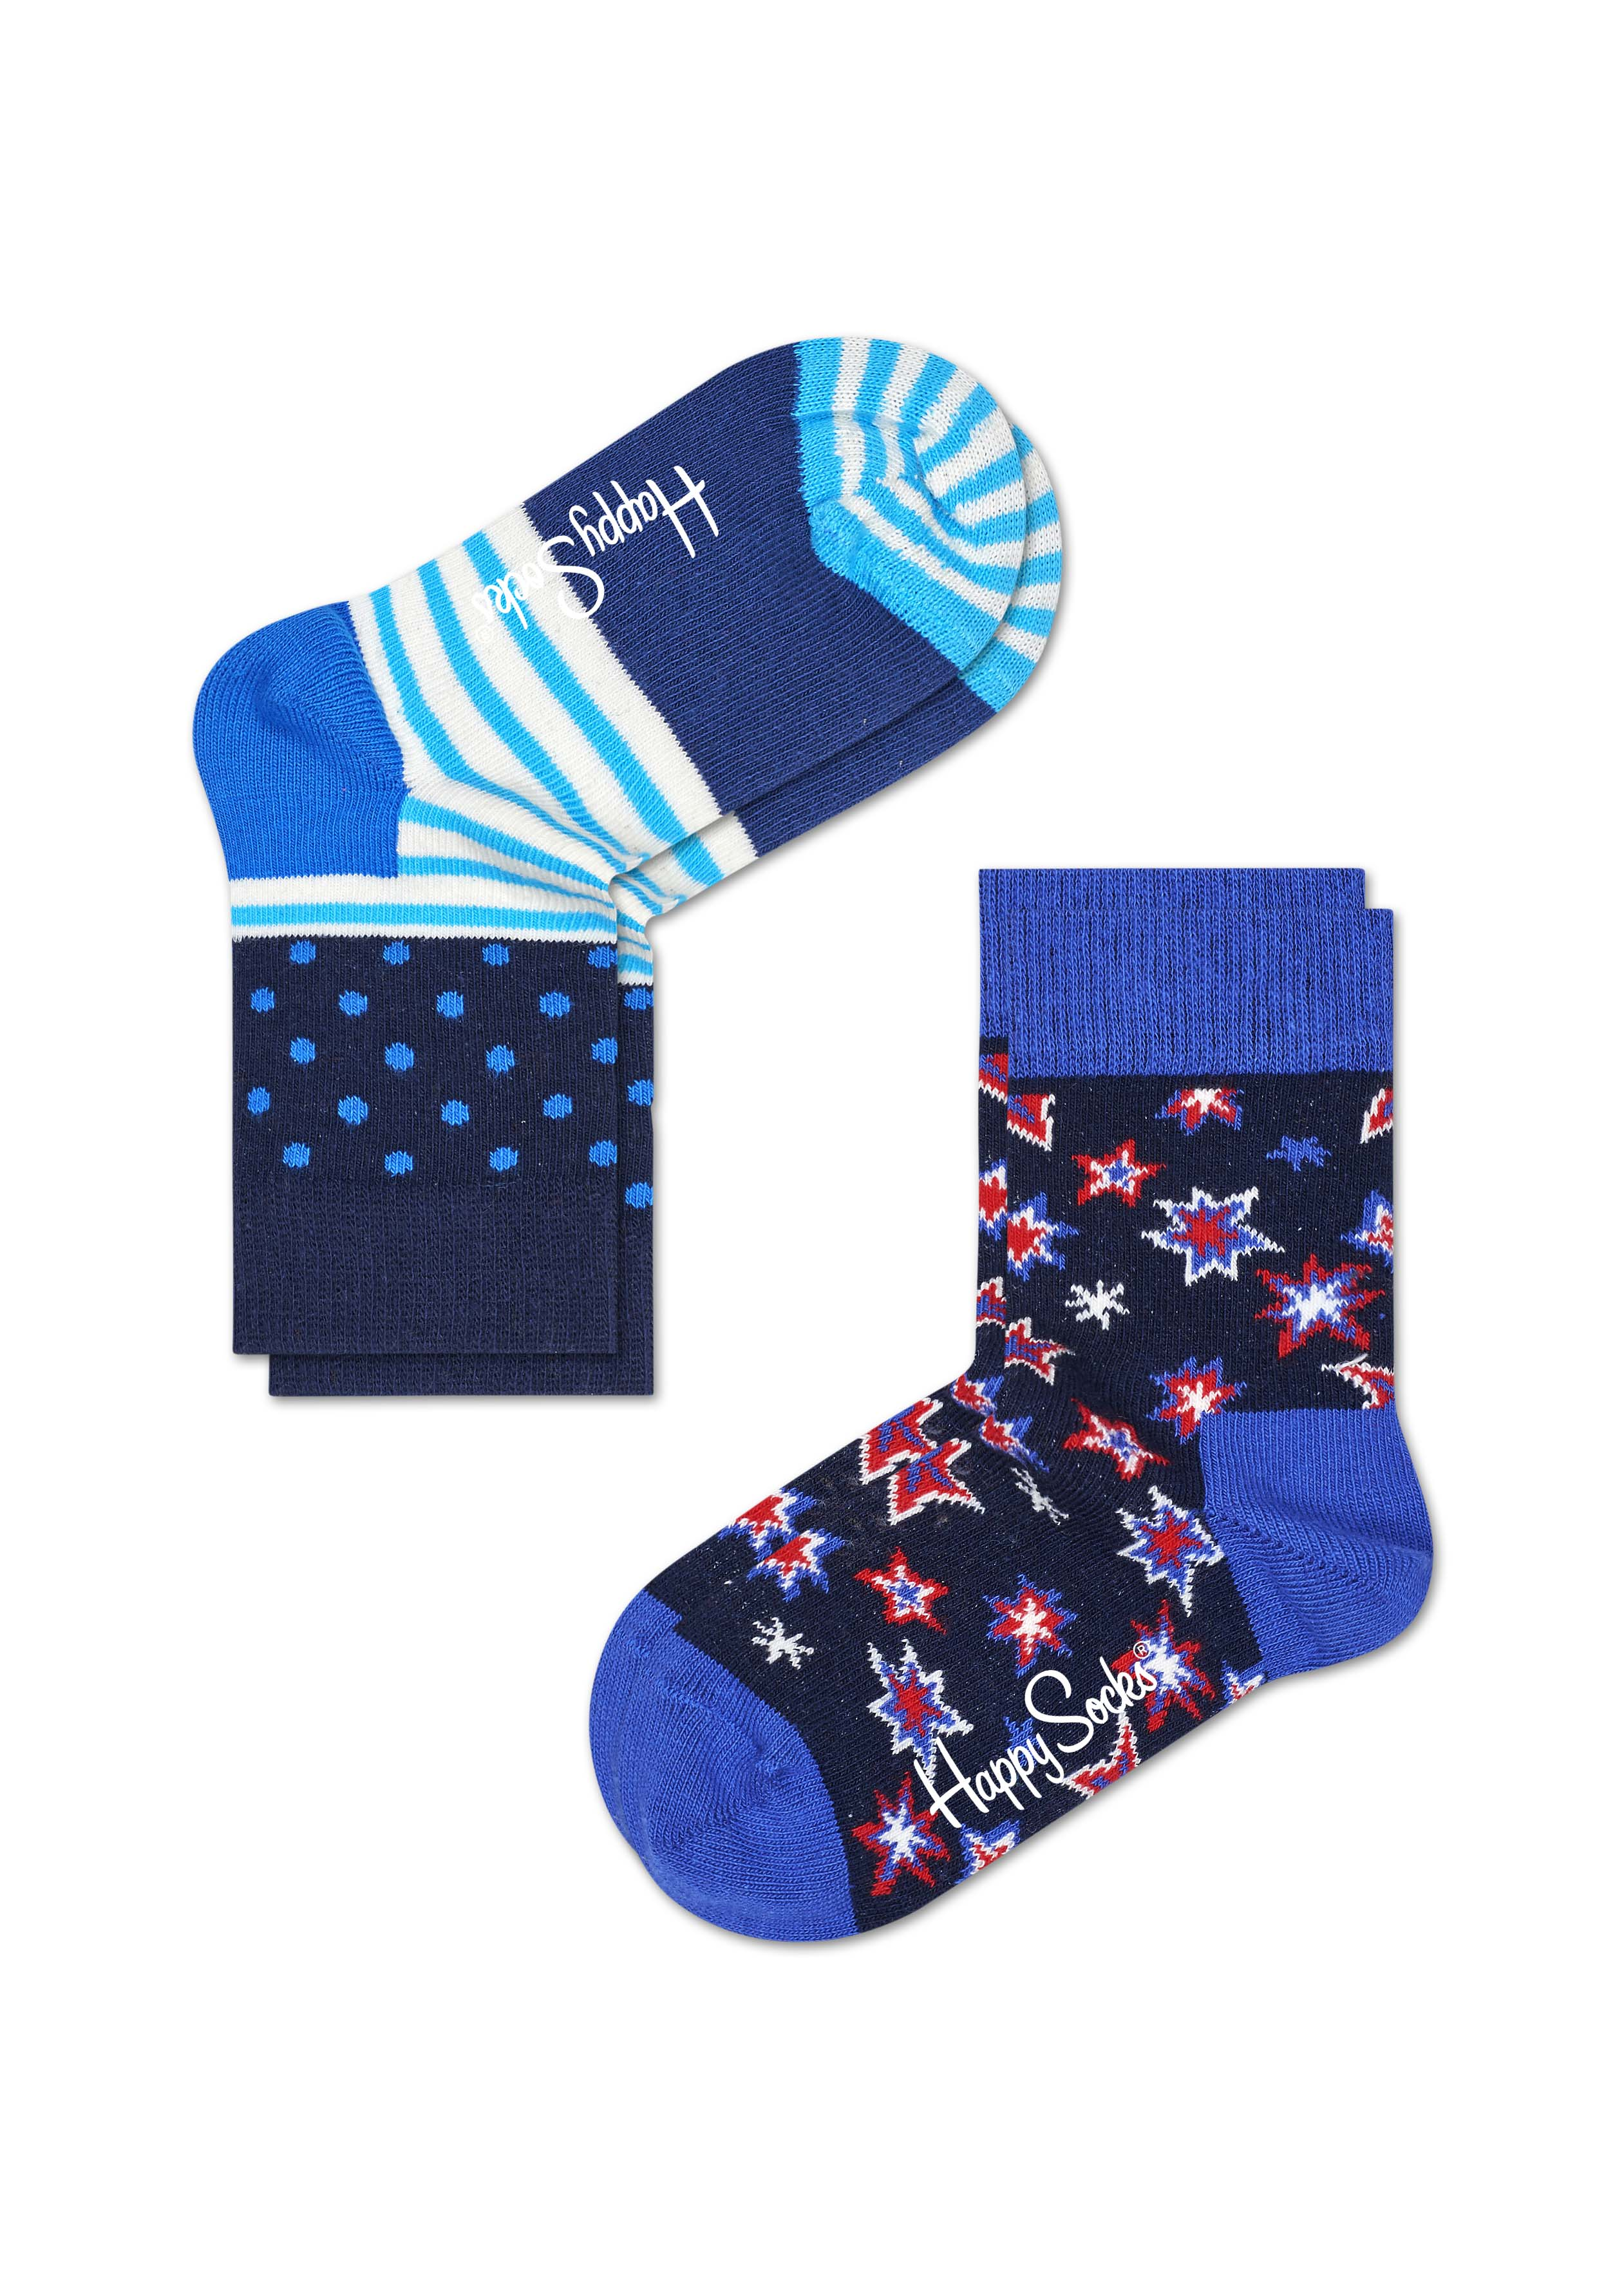 Комплект носков Happy socks, цвет: темно-синий, голубой. KBNG02. Размер 18, 4-6 летKBNG02Носки Happy Socks, изготовленные из высококачественного материала, дополнены принтом. Эластичная резинка плотно облегает ногу, не сдавливая ее. Усиленная пятка и мысок обеспечивают надежность и долговечность. В комплект входят две пары носков.